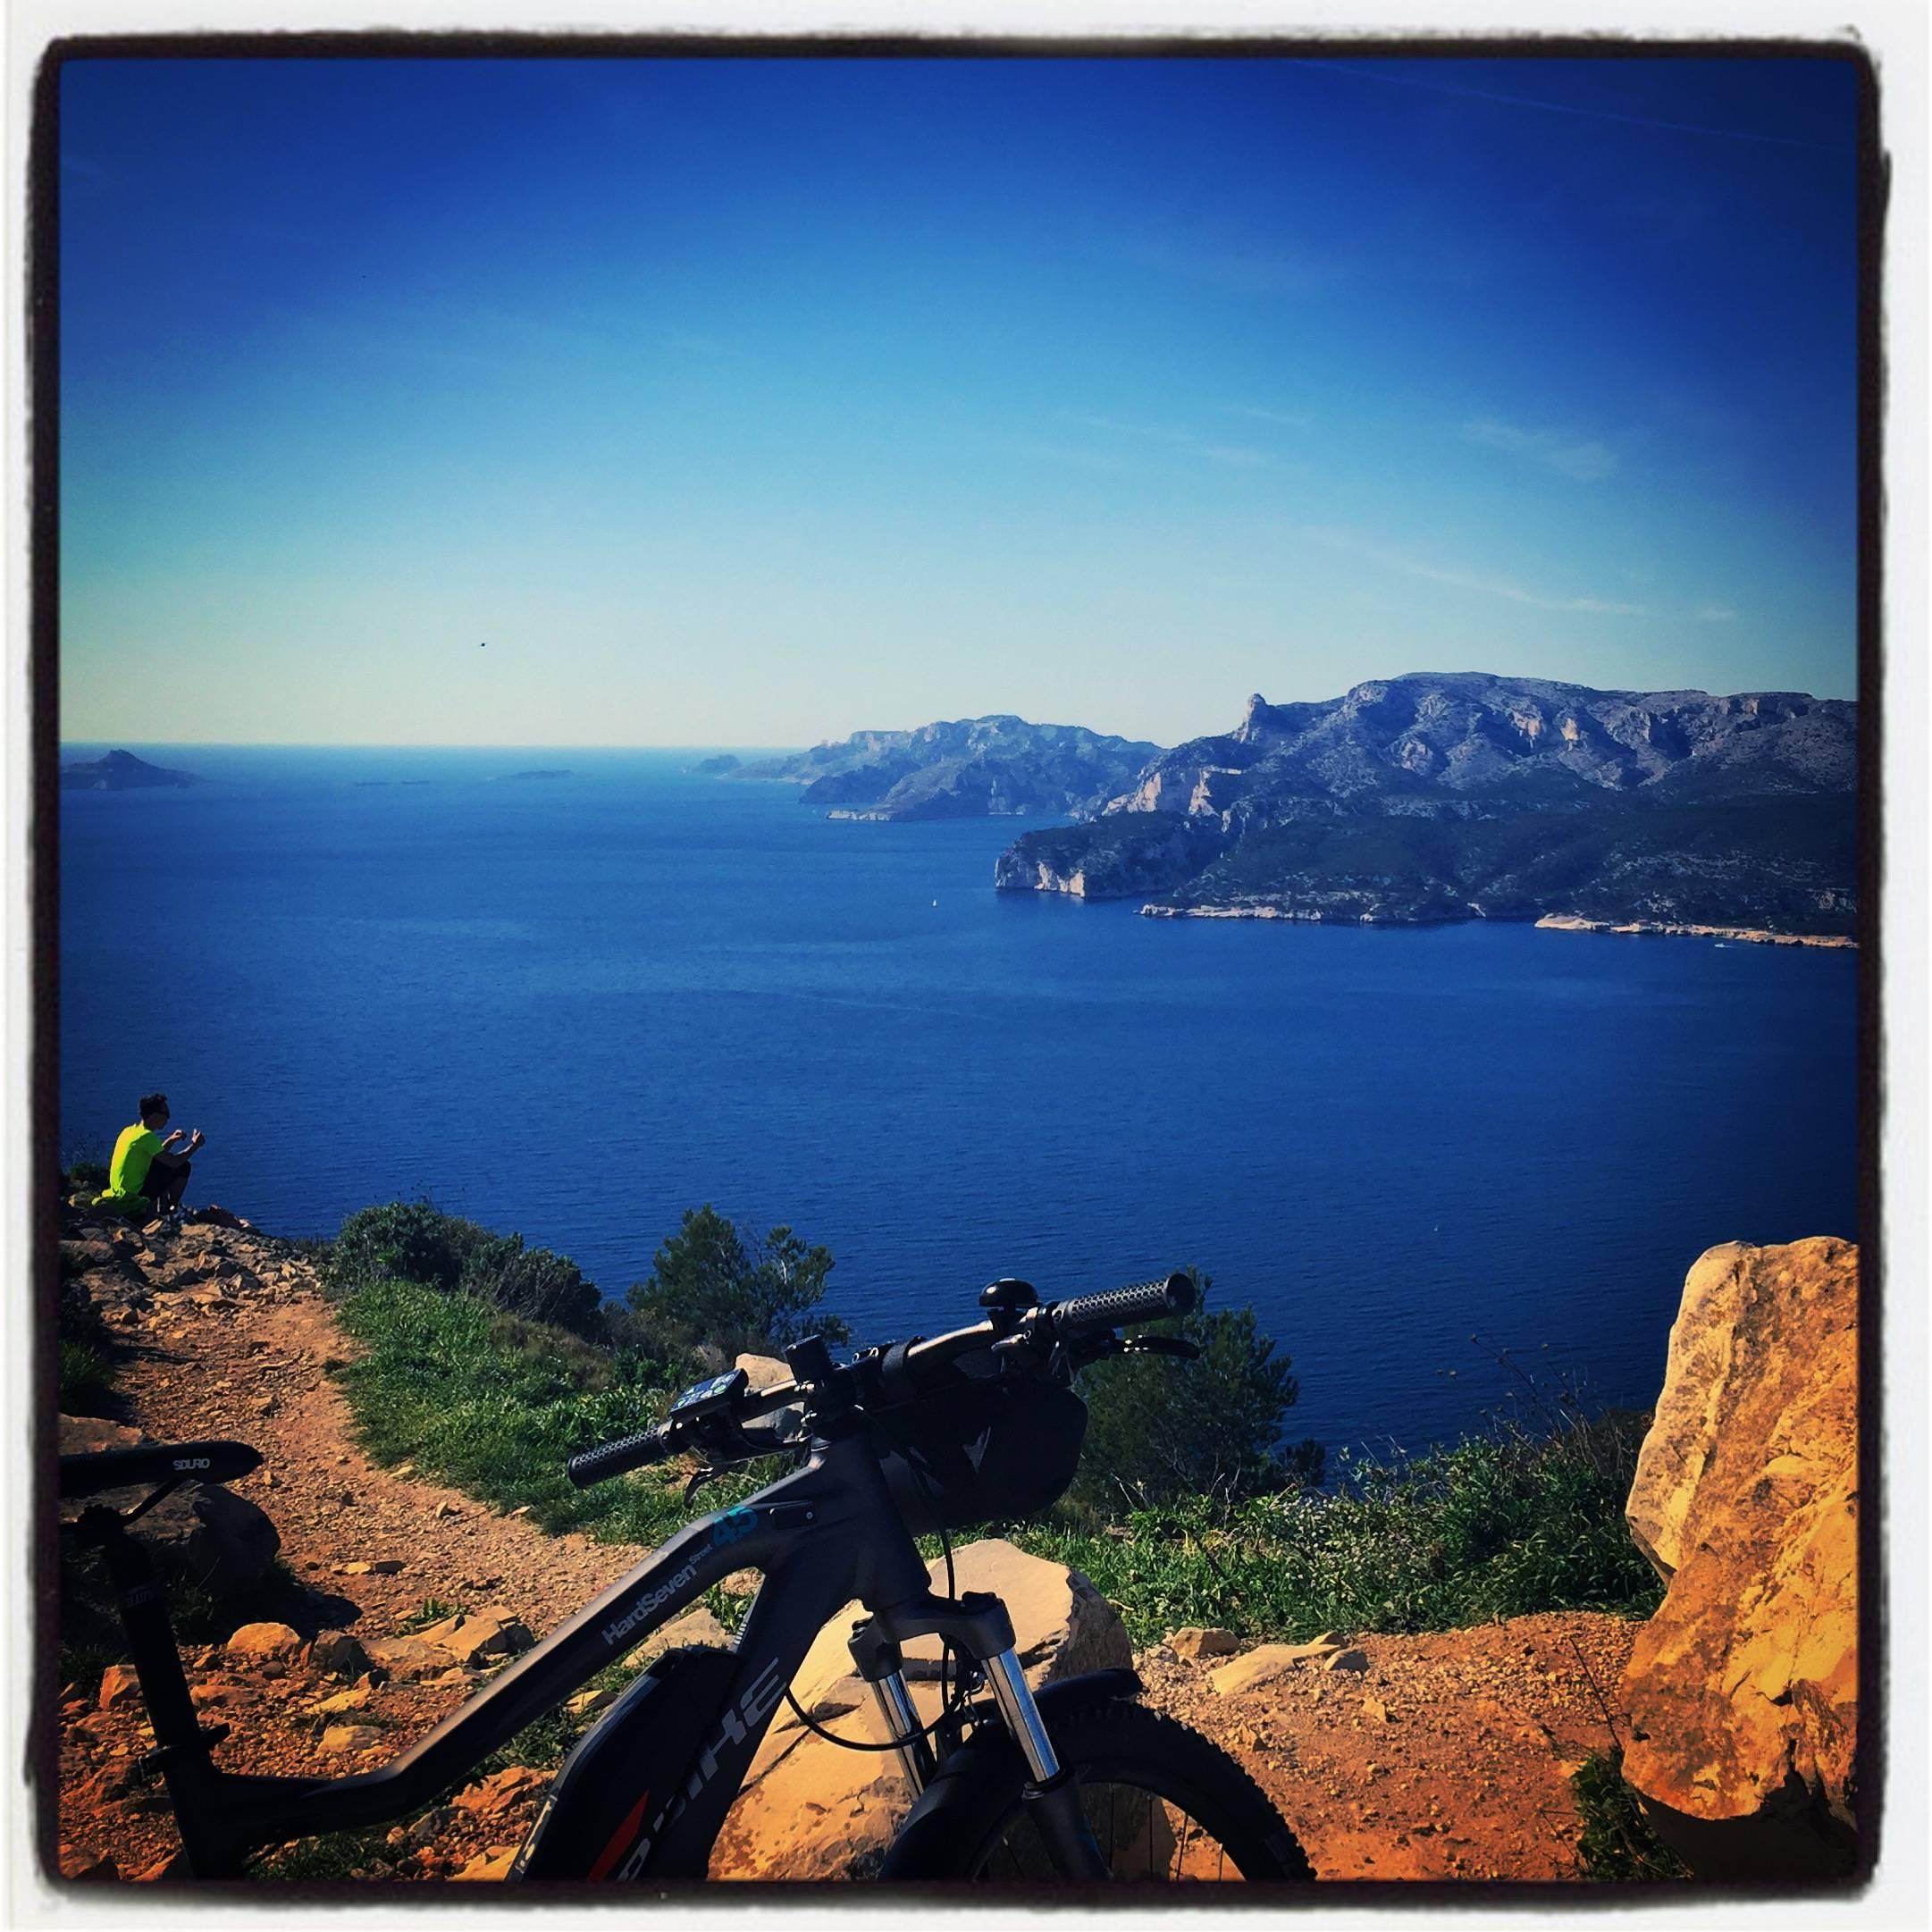 Photo 2: La route des crêtes en vélo électrique